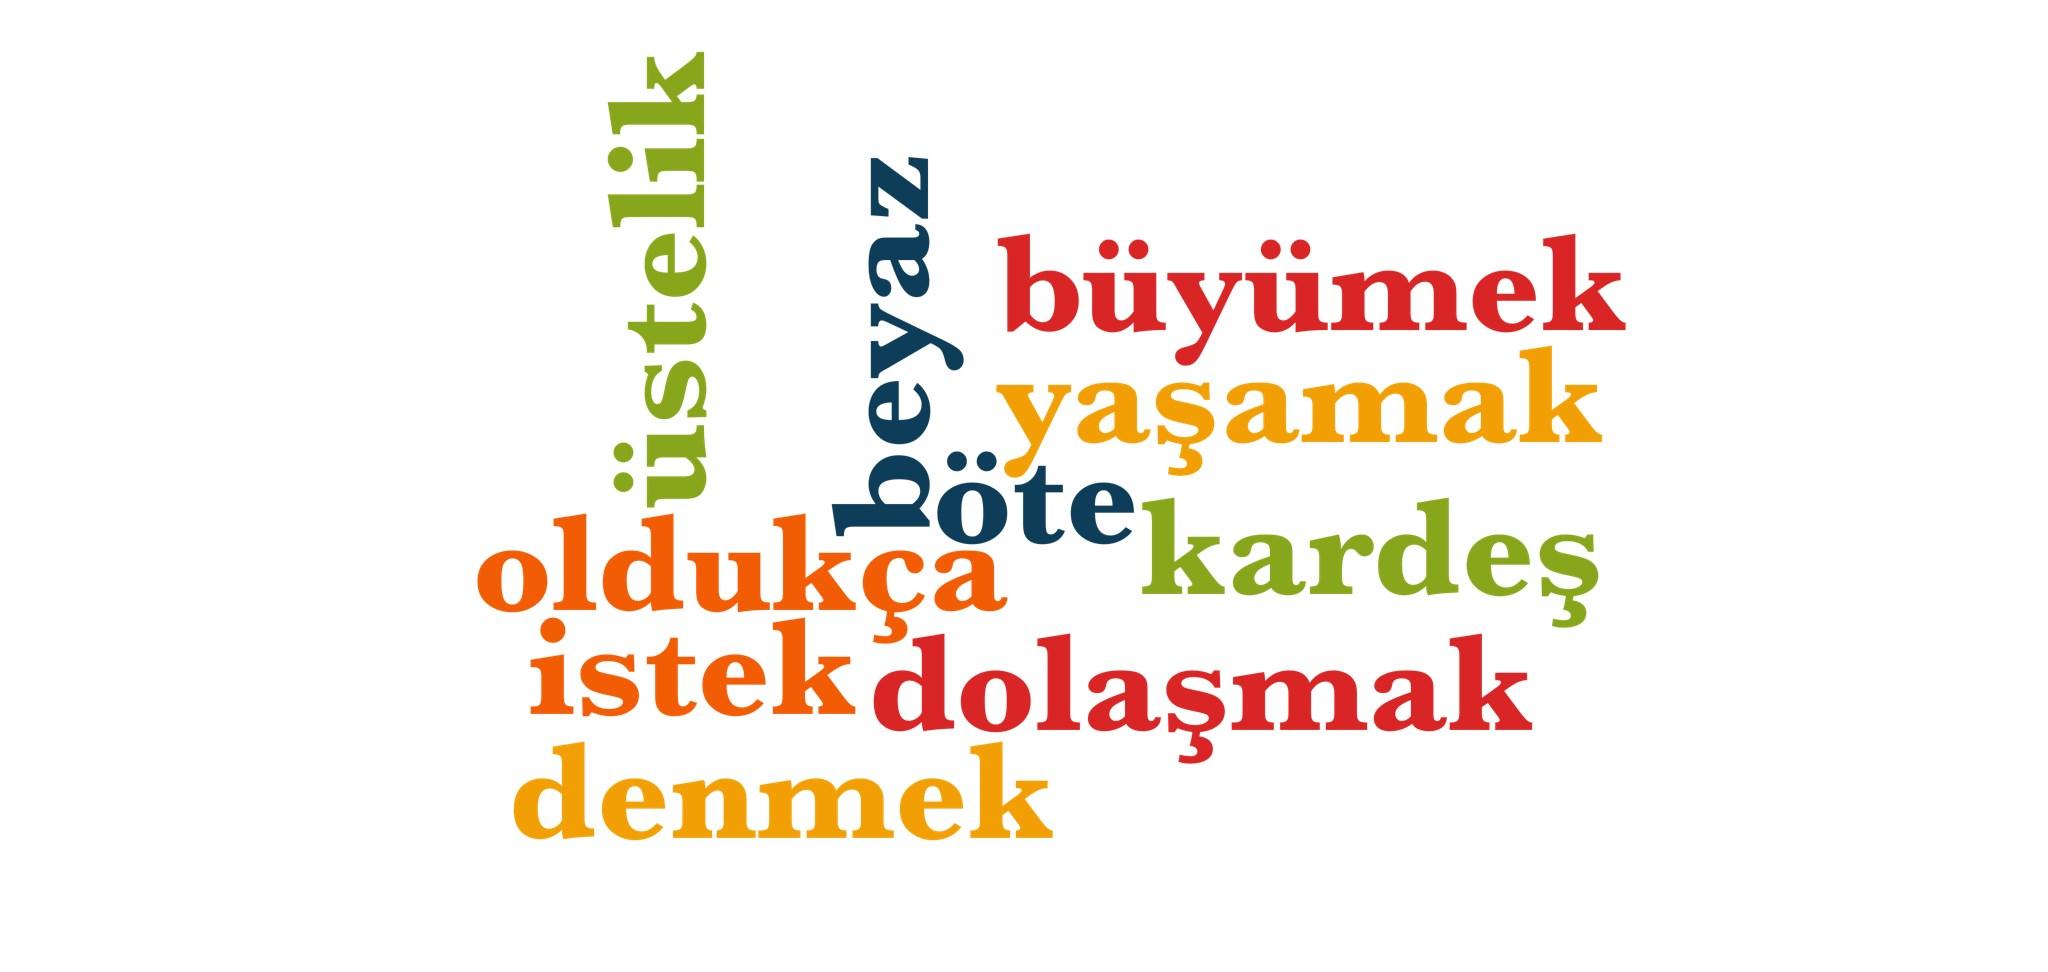 Wörter 551 bis 560 der 1000 häufigsten Wörter der türkischen Sprache